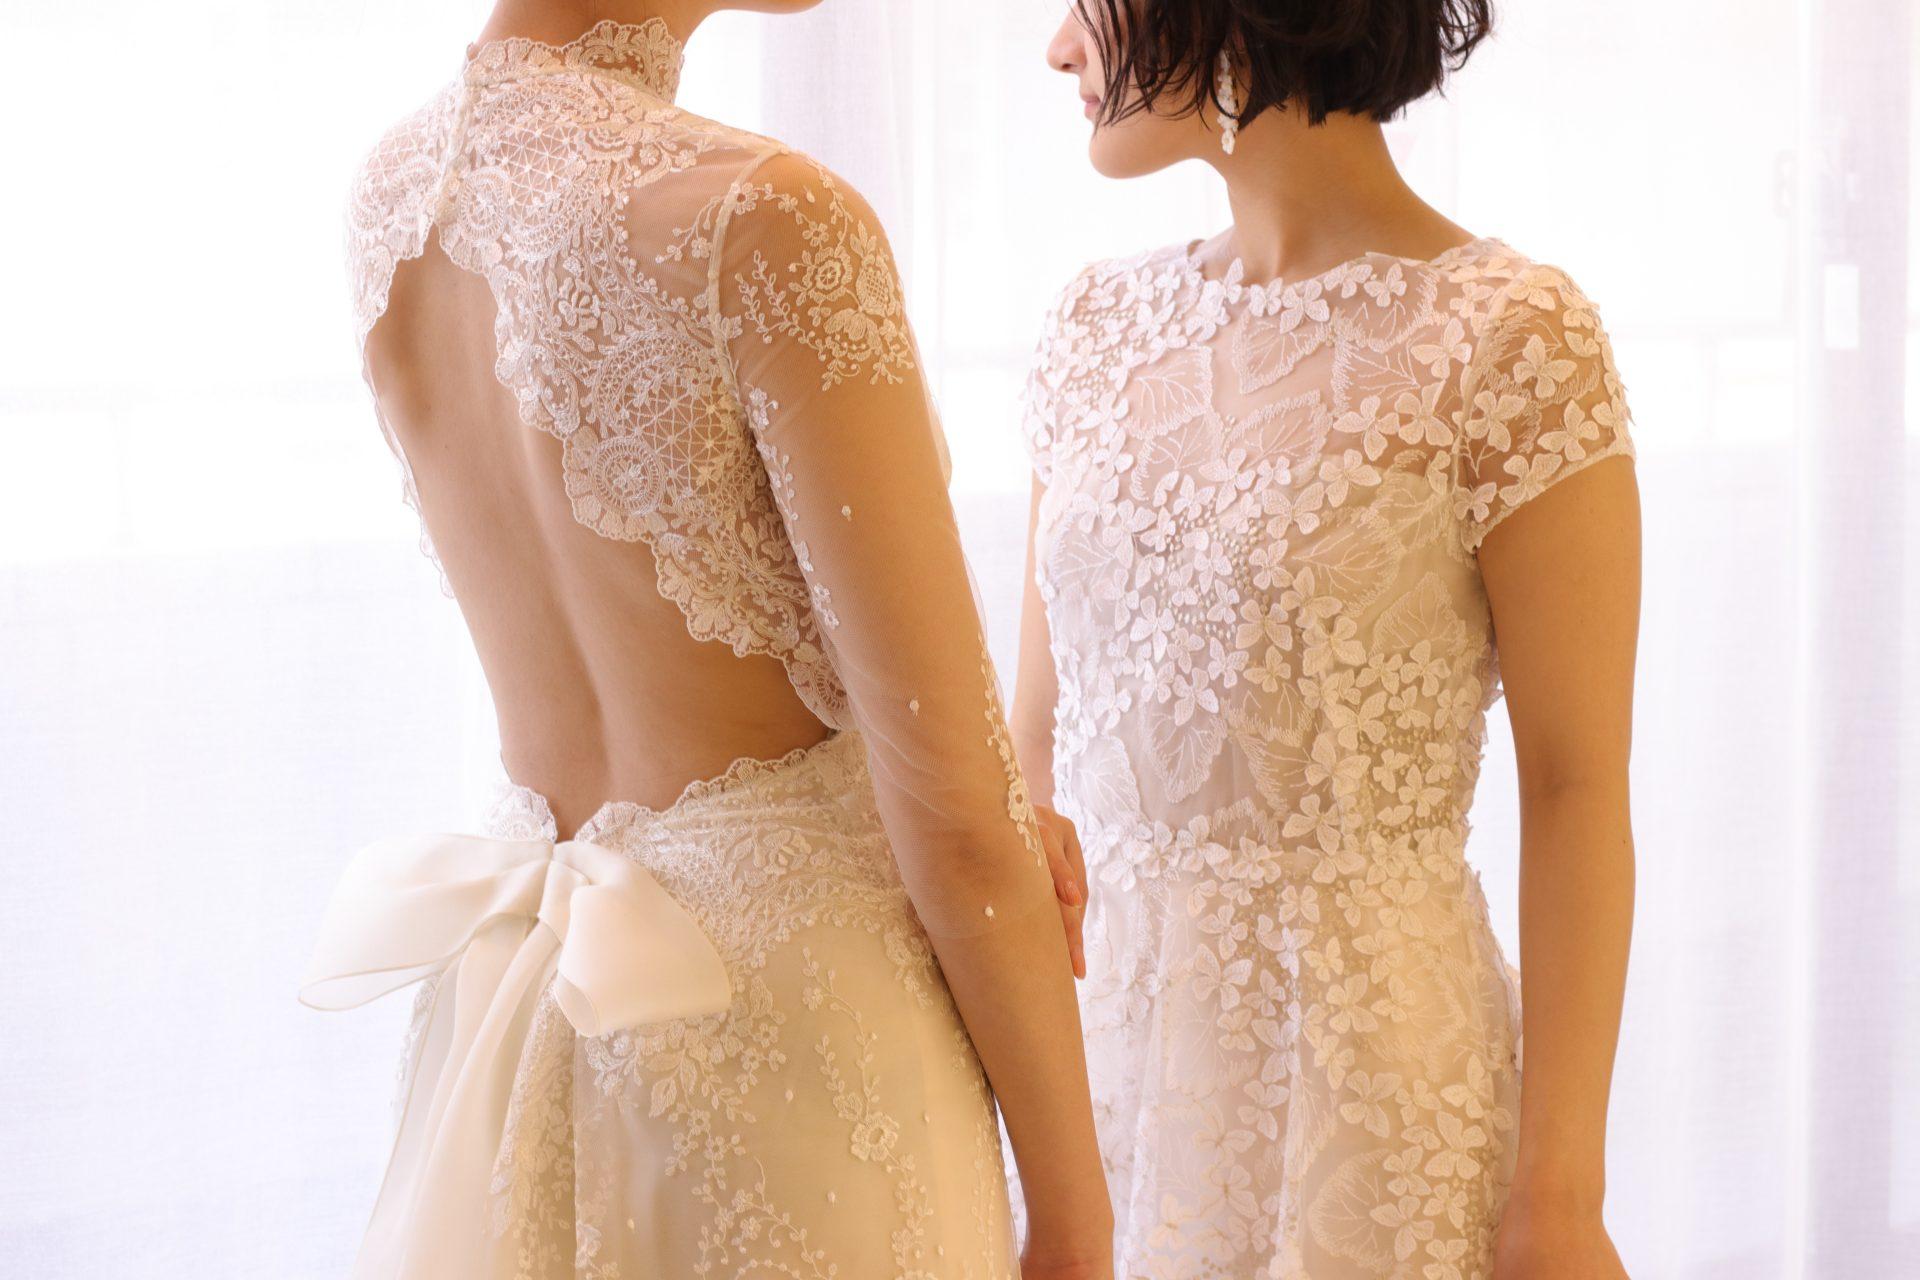 おしゃれな花嫁様憧れのドレスショップ ザ・トリート・ドレッシングより、ニューヨークより届いたばかりの新作ウェディングドレスを2着ご紹介いたします